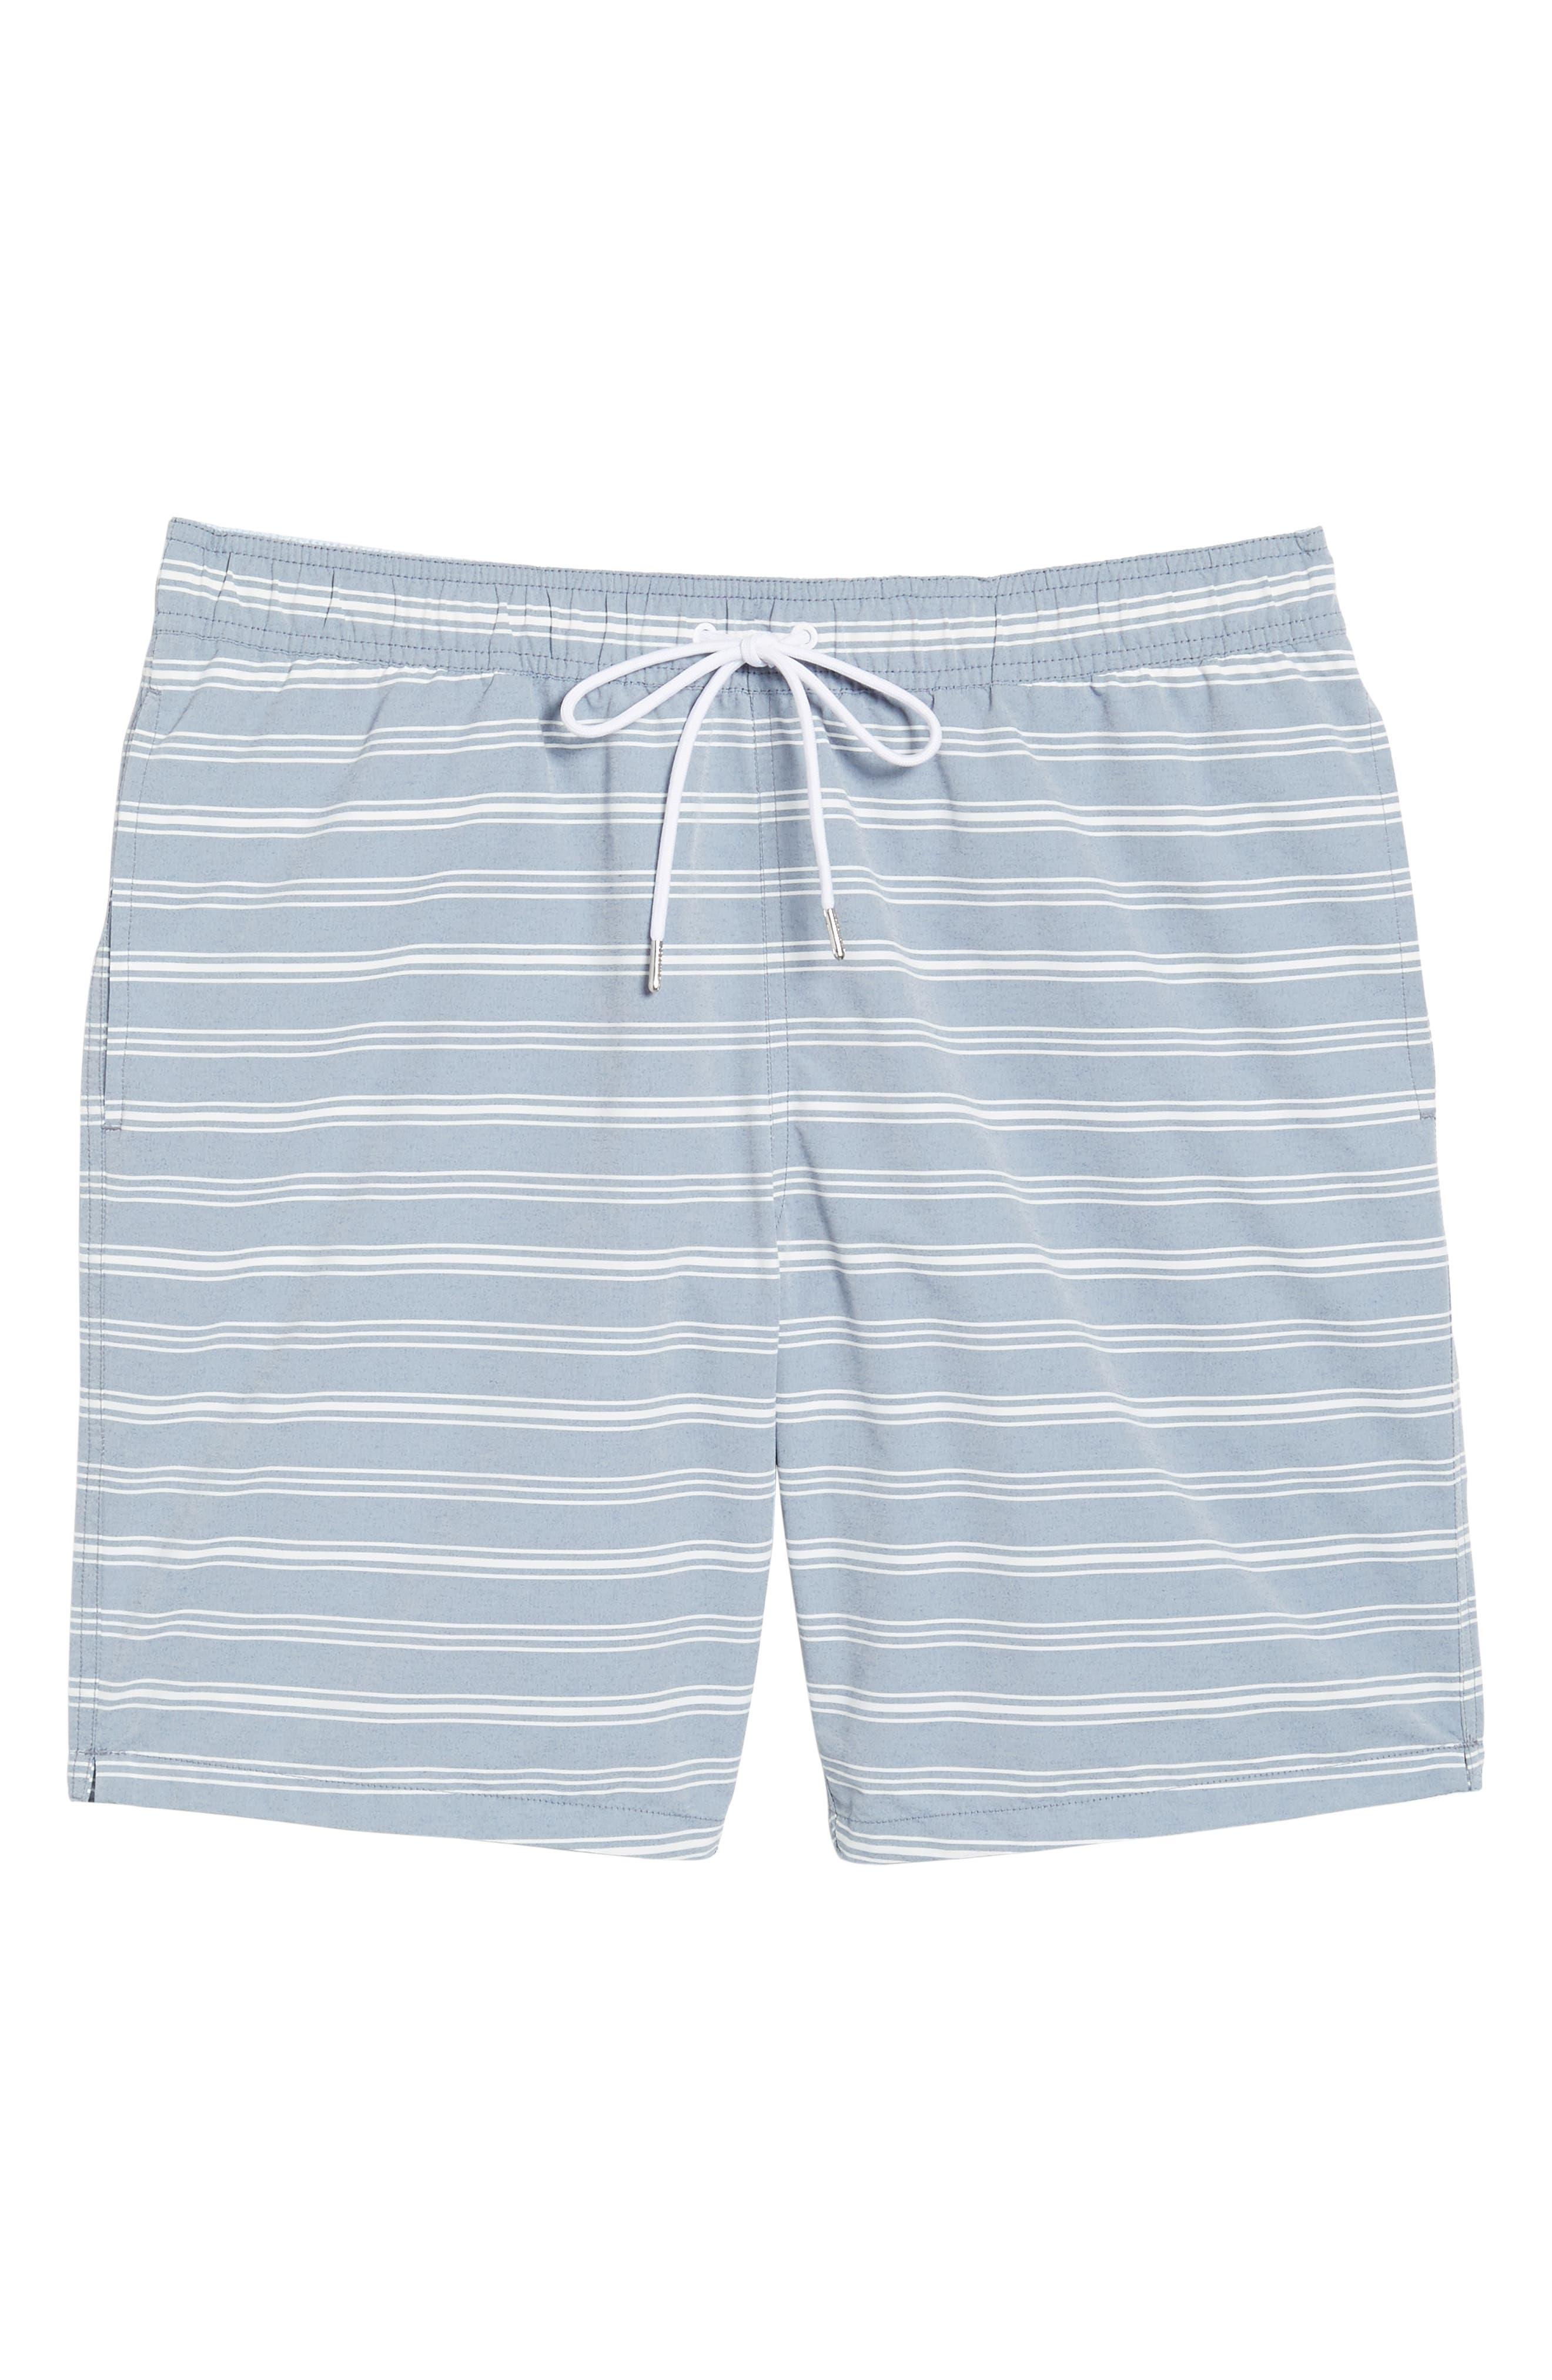 E-Waist 9-Inch Swim Trunks,                             Alternate thumbnail 6, color,                             Swim Stripe Blue/ White